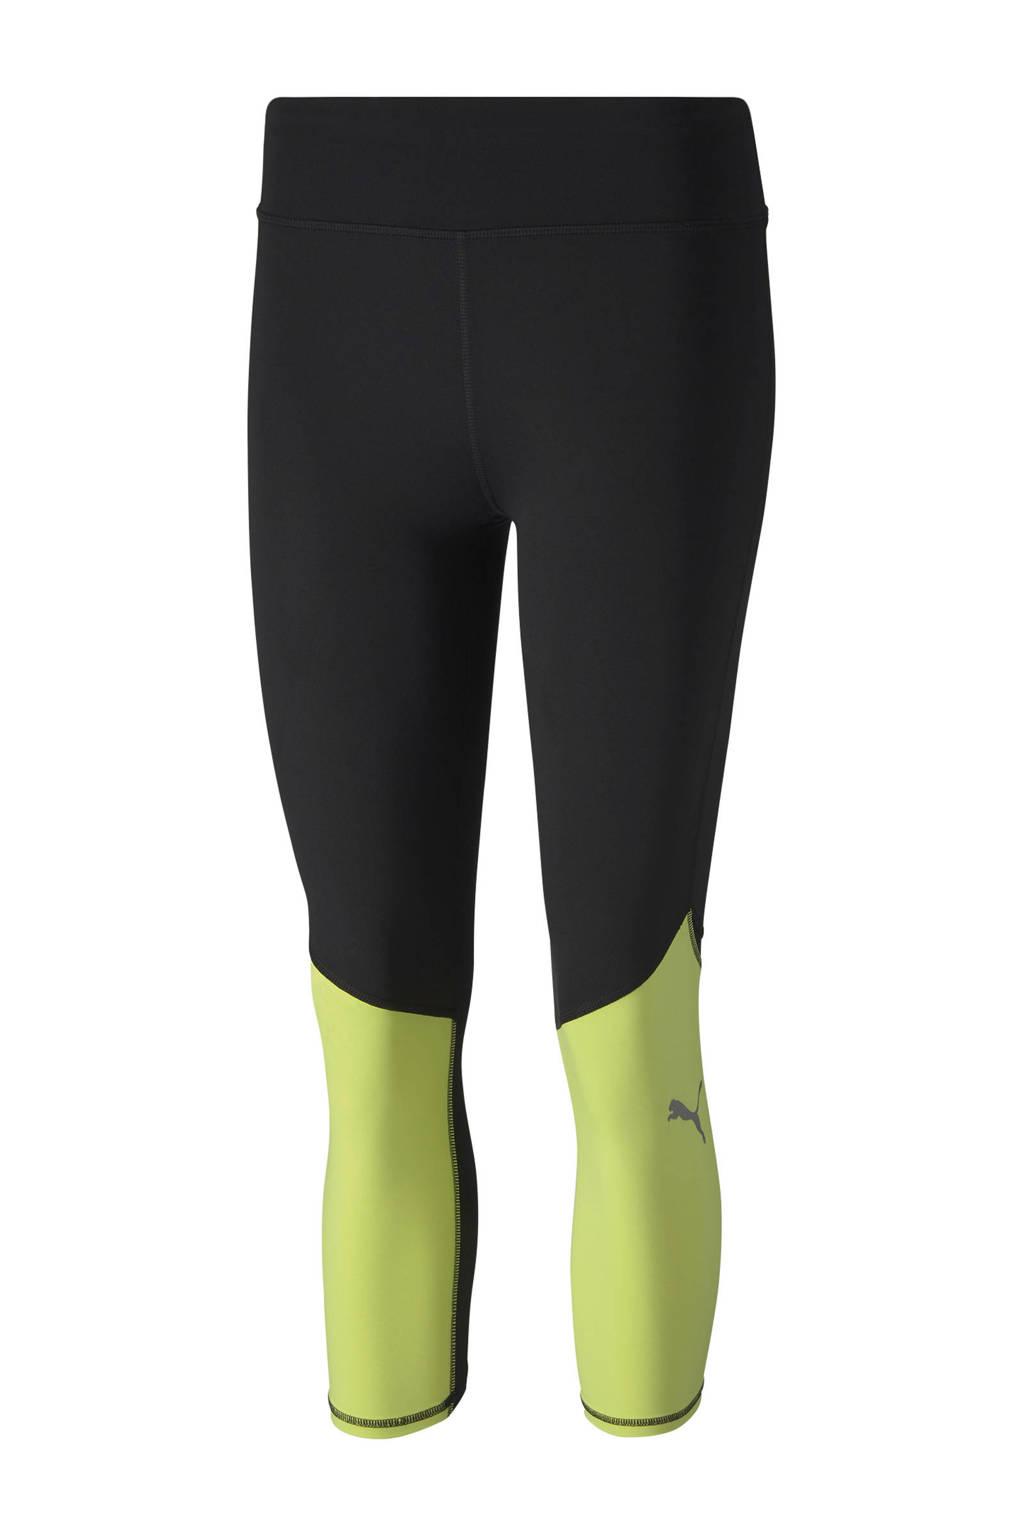 Puma sportbroek zwart/limegroen, Zwart/limegroen